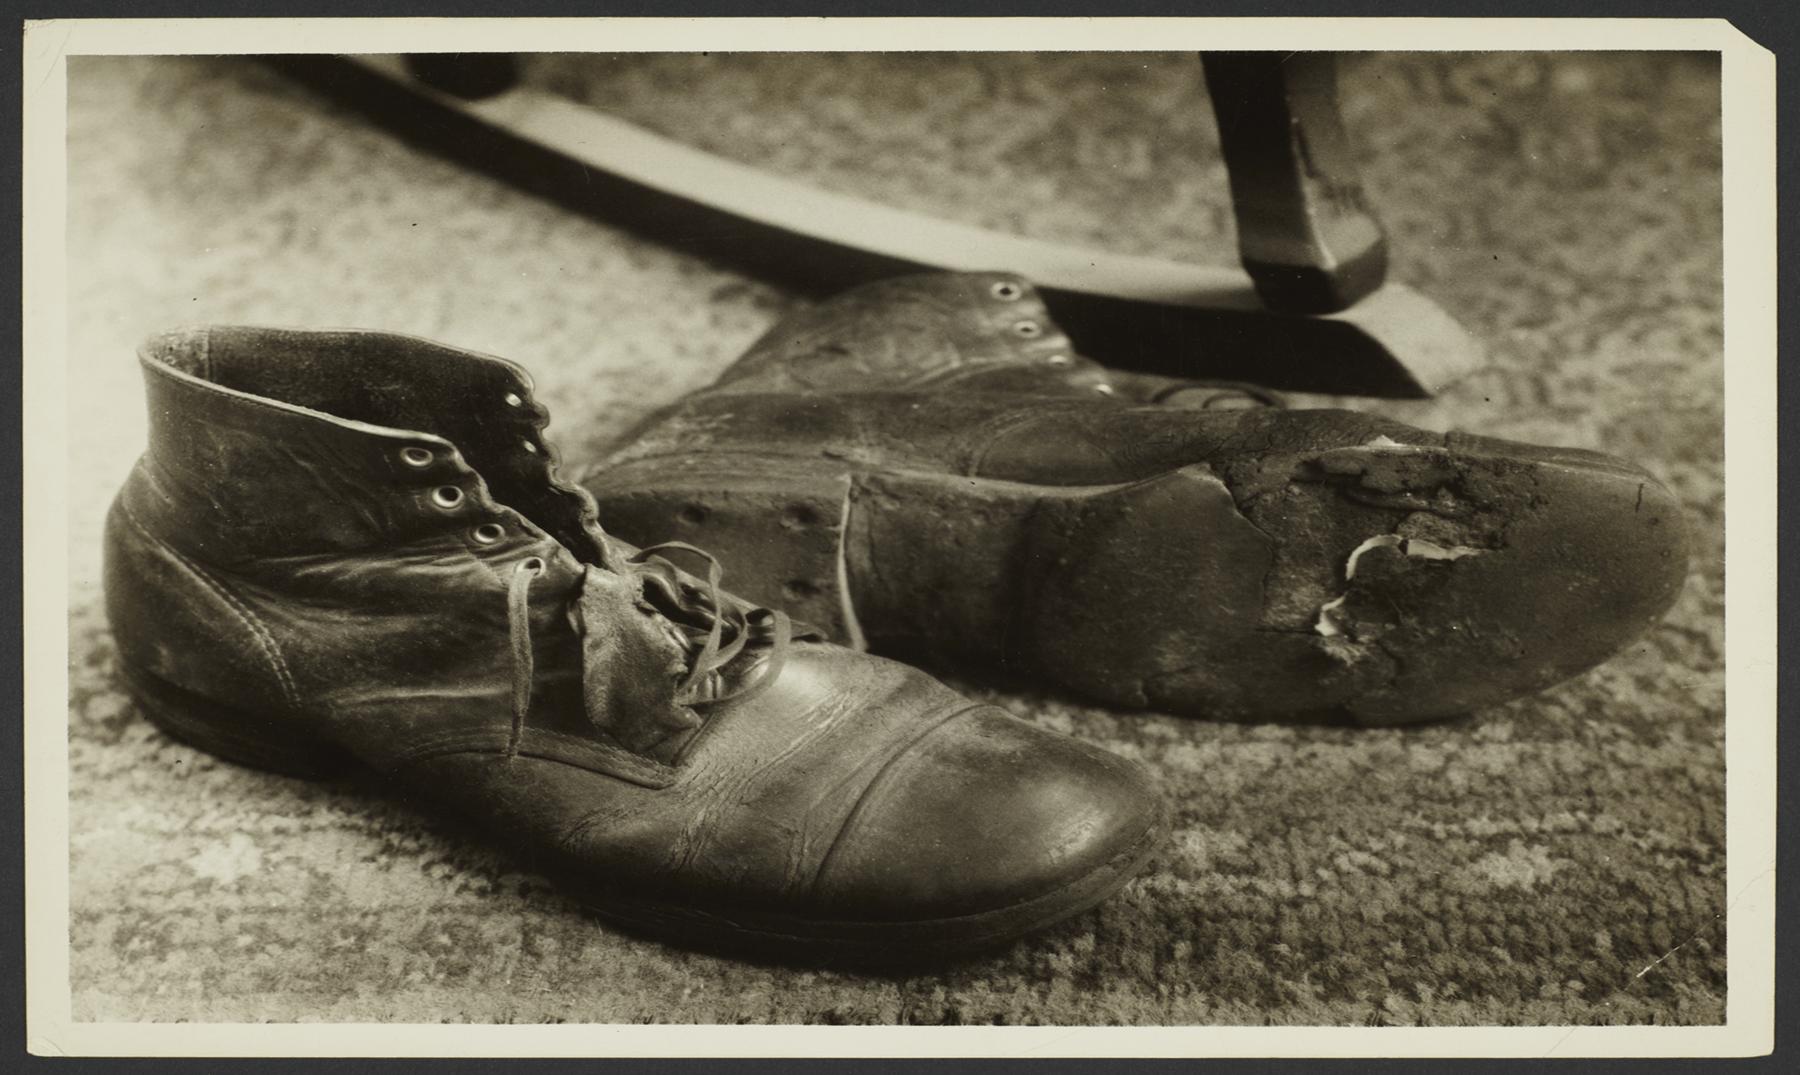 La increíble historia del forajido que se convirtió en unos zapatos